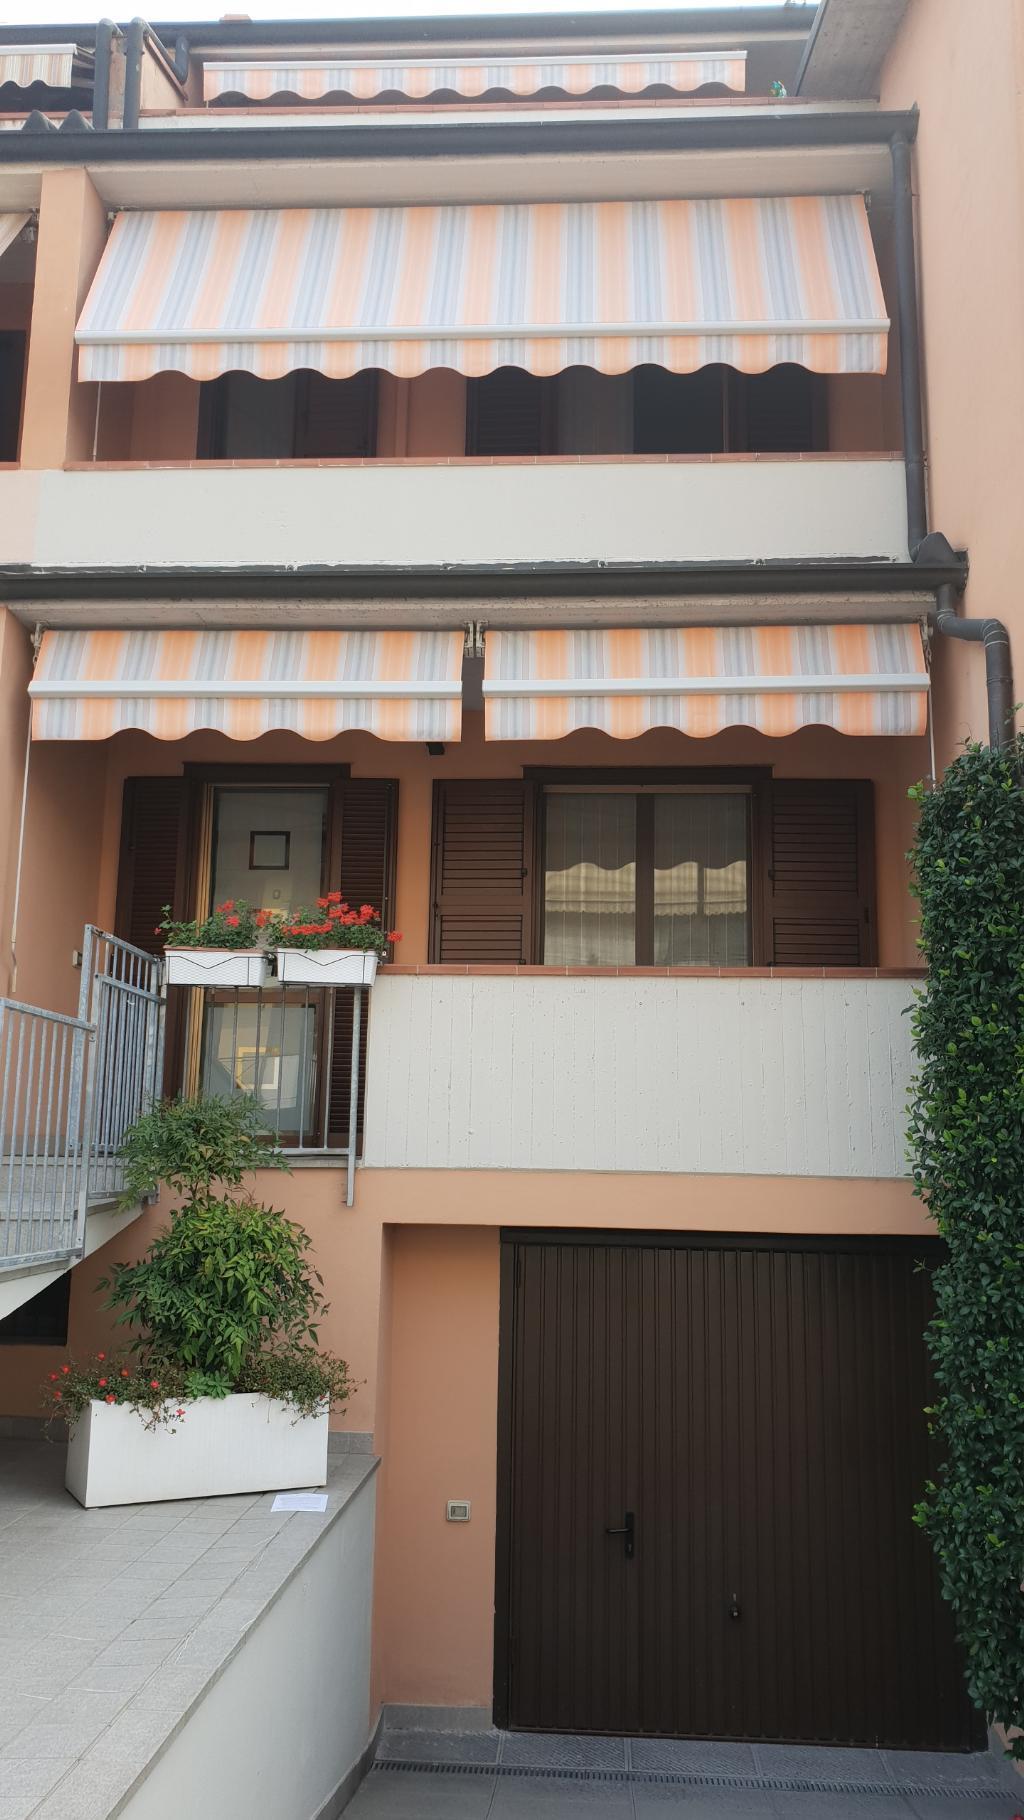 Villetta a schiera in vendita - 171 mq